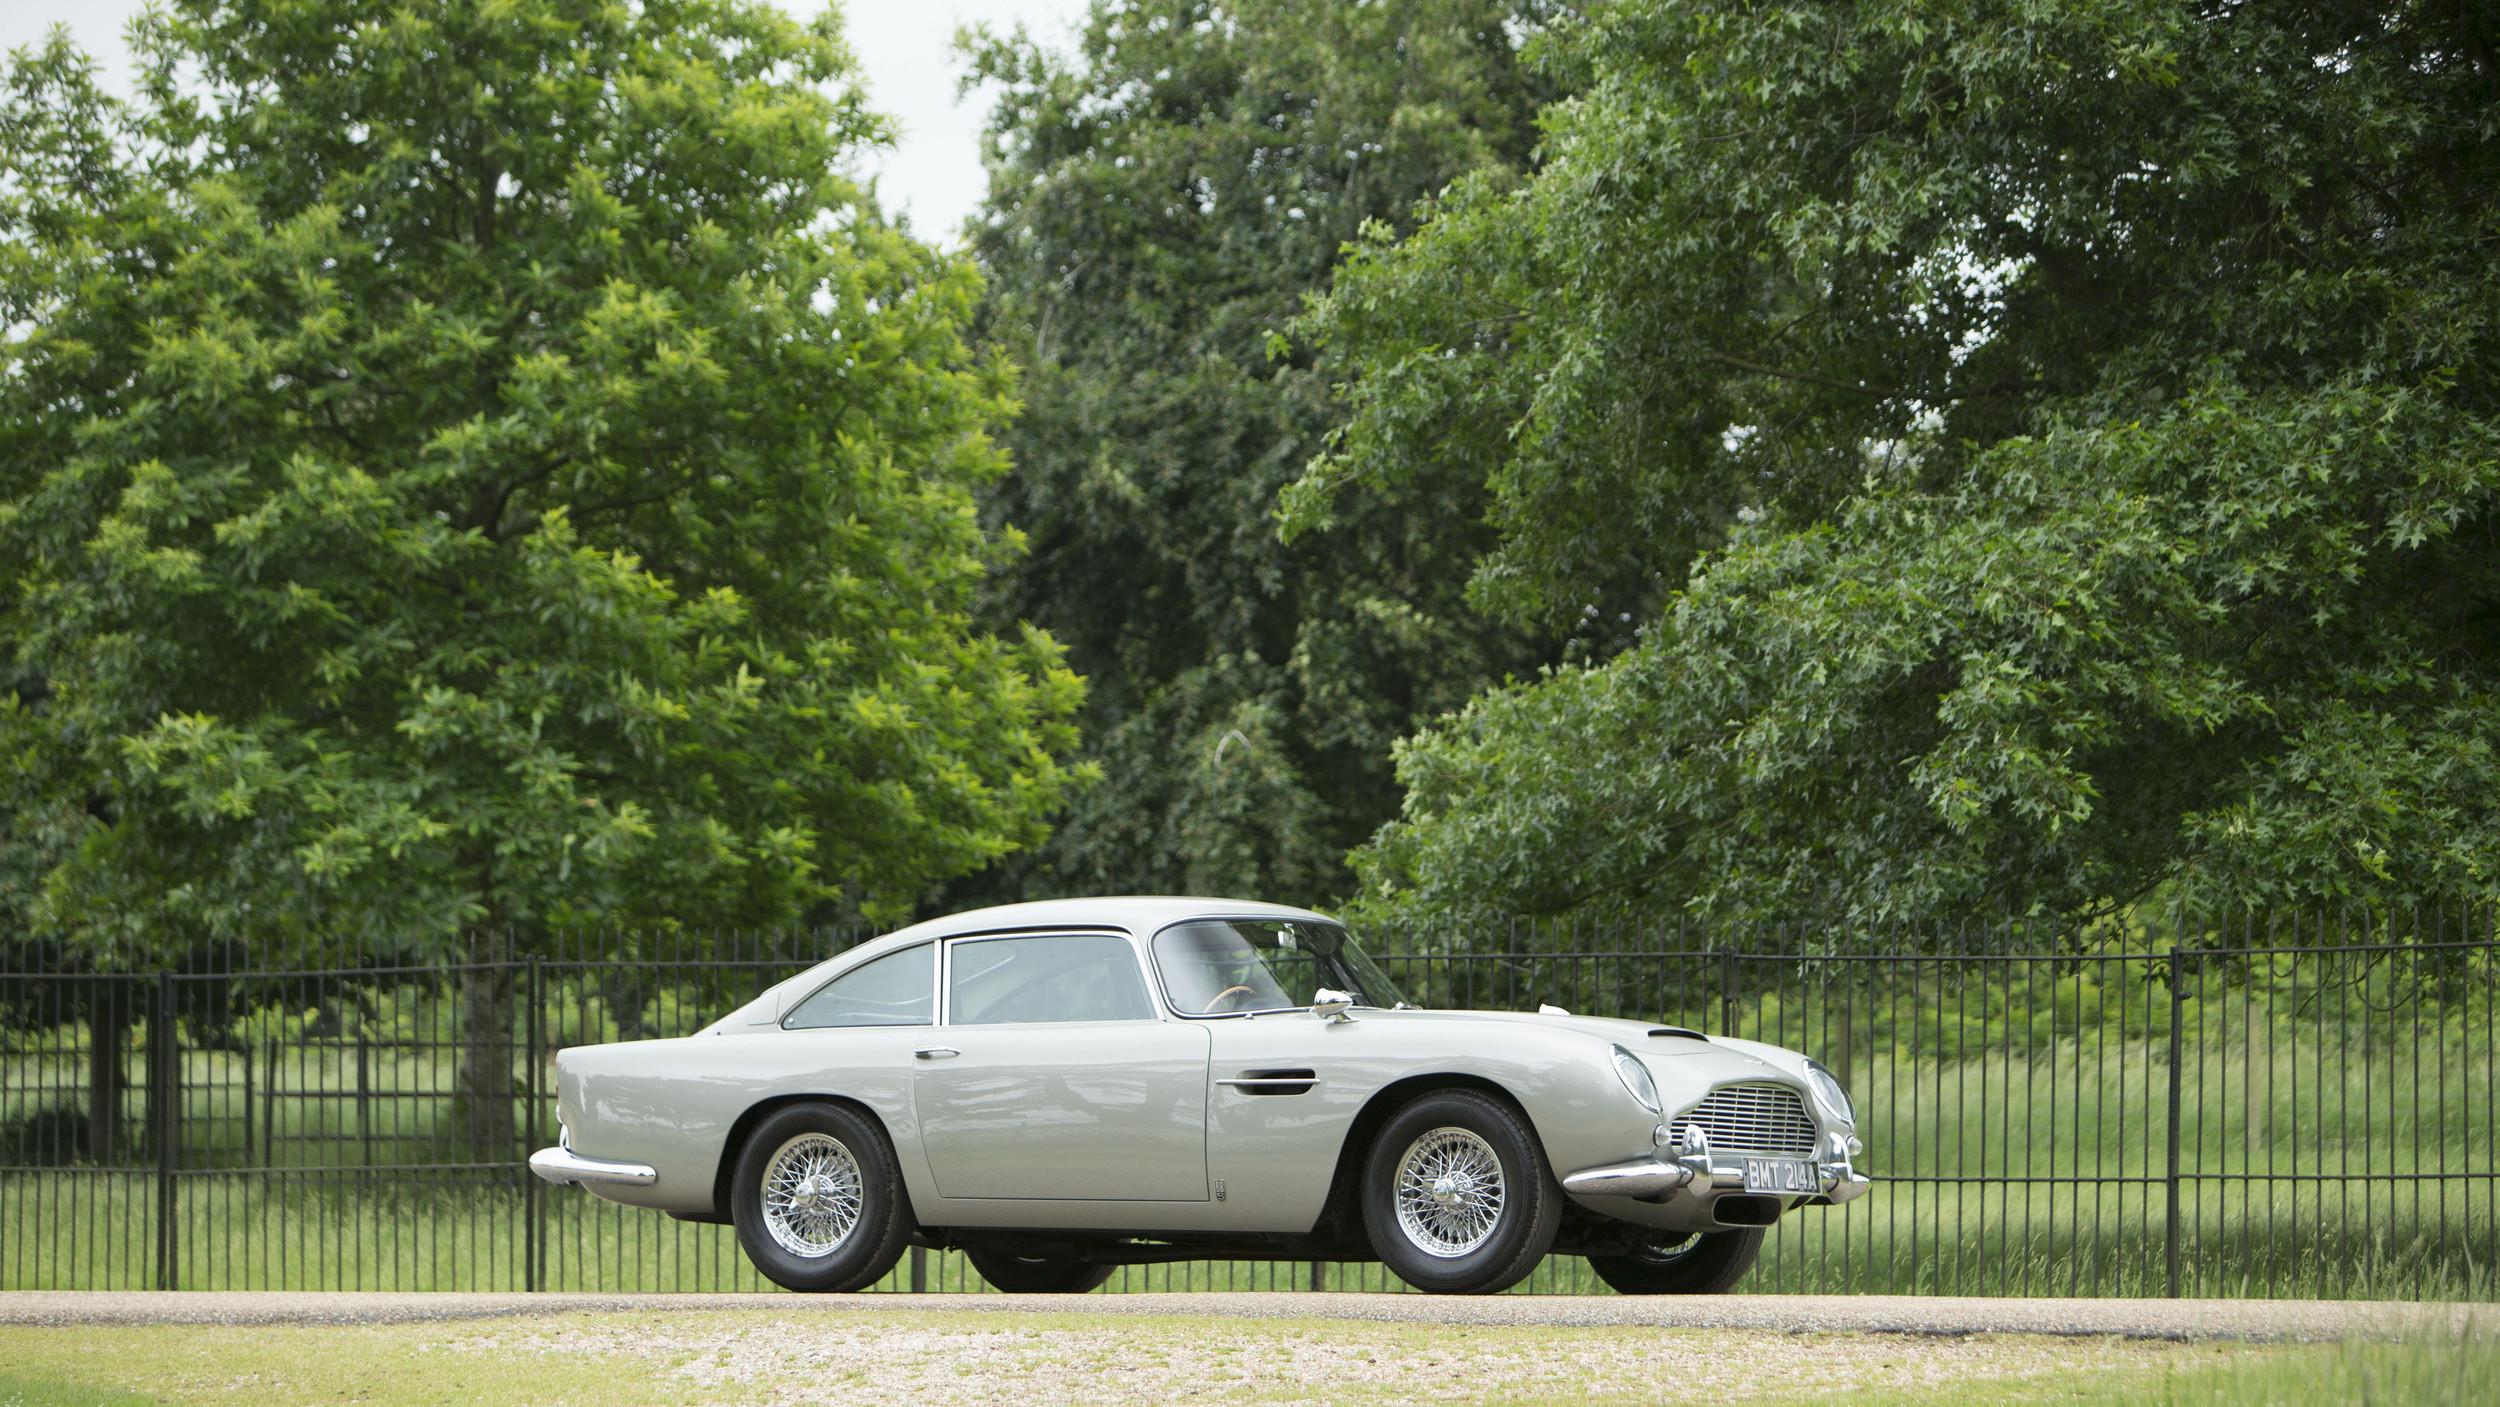 Aston Martin DB5 de 'GoldenEye' vai a leilão em julho no Festival de Goodwood